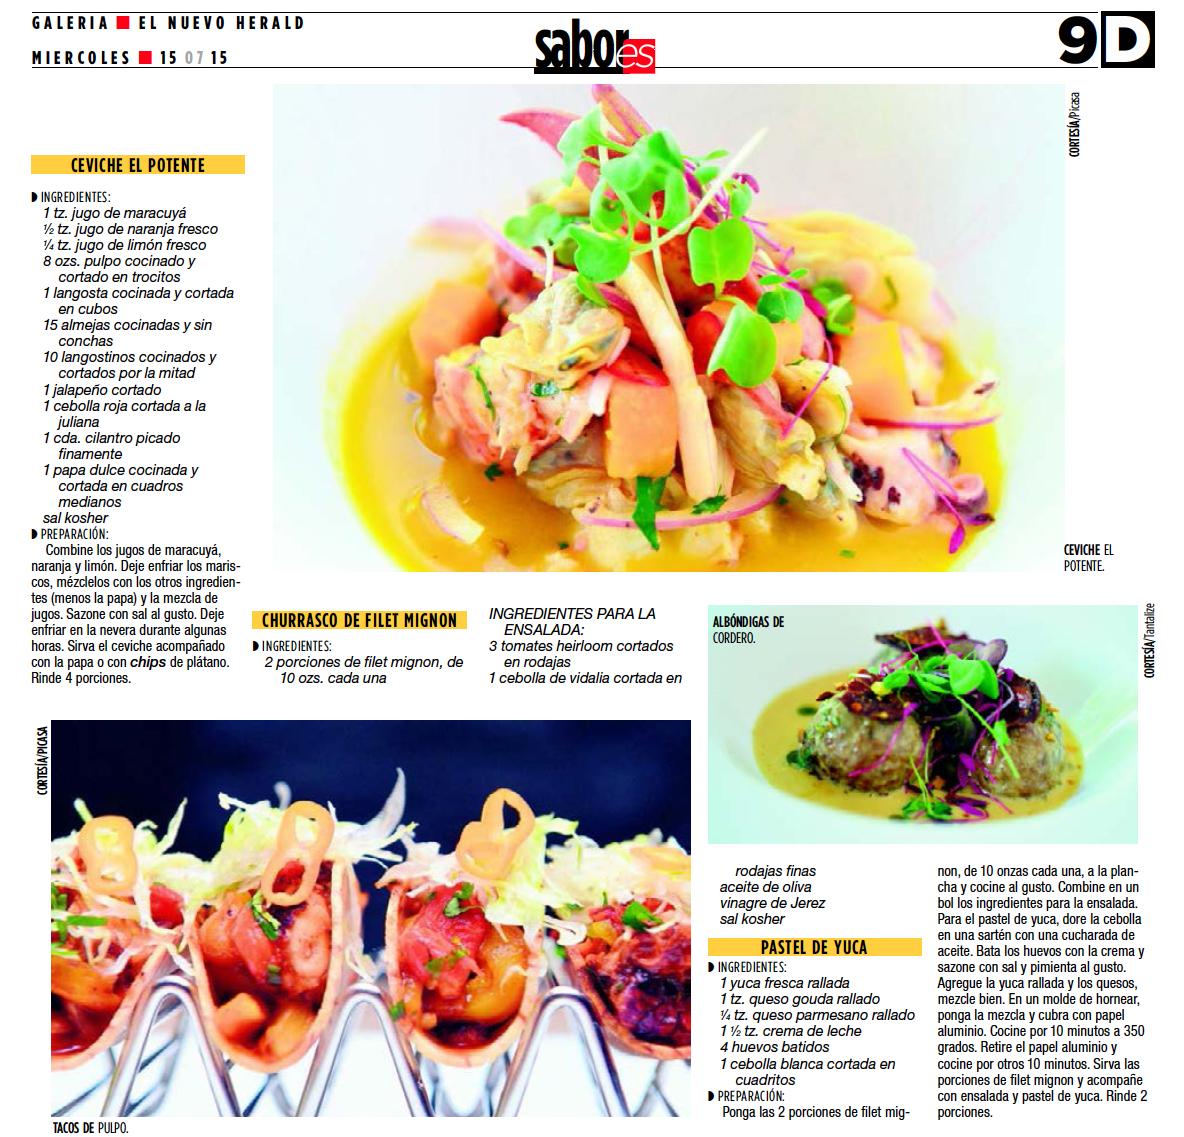 Sabores El Nuevo Herald